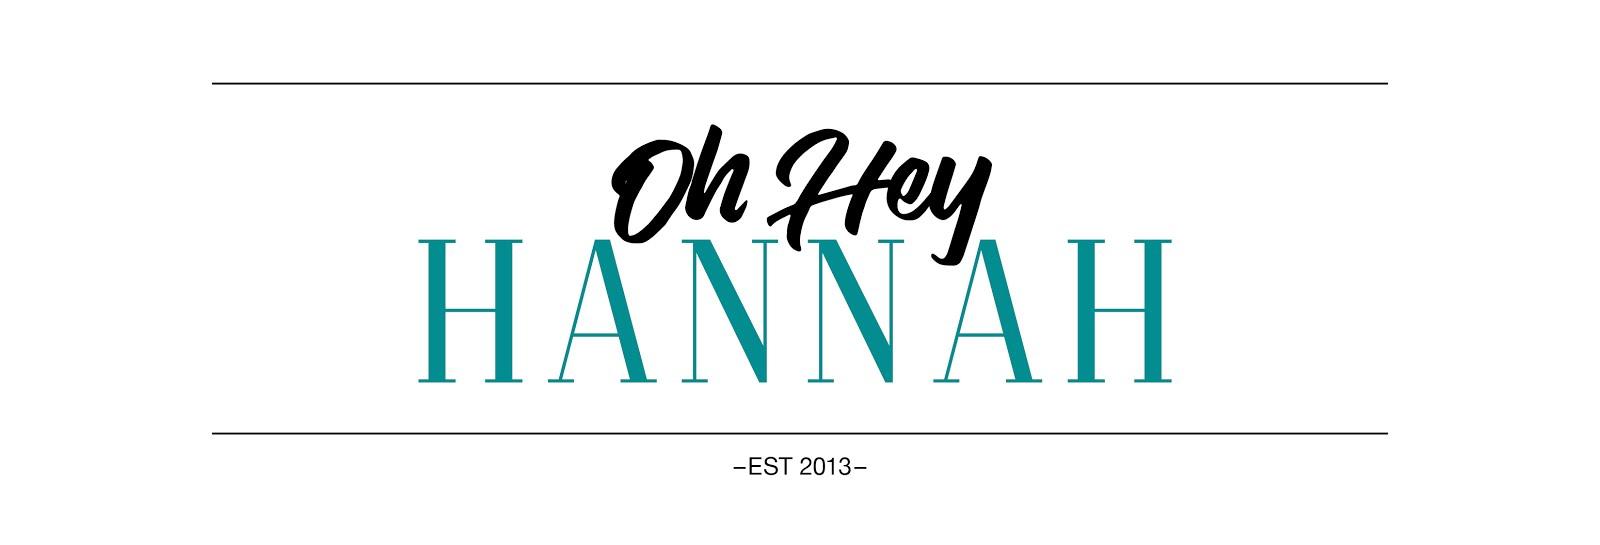 Oh Hey Hannah